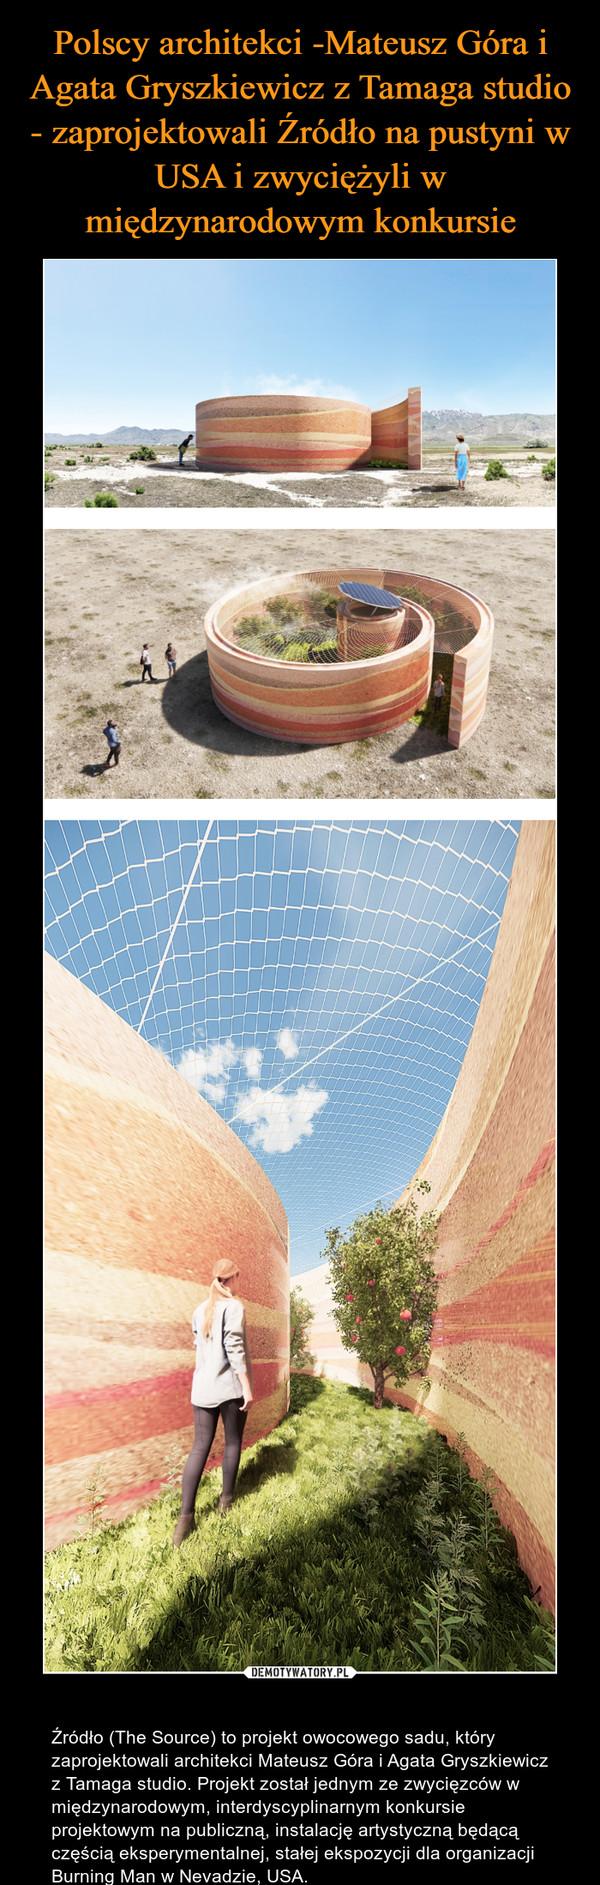 – Źródło (The Source) to projekt owocowego sadu, który zaprojektowali architekci Mateusz Góra i Agata Gryszkiewicz z Tamaga studio. Projekt został jednym ze zwycięzców w międzynarodowym, interdyscyplinarnym konkursie projektowym na publiczną, instalację artystyczną będącą częścią eksperymentalnej, stałej ekspozycji dla organizacji Burning Man w Nevadzie, USA.